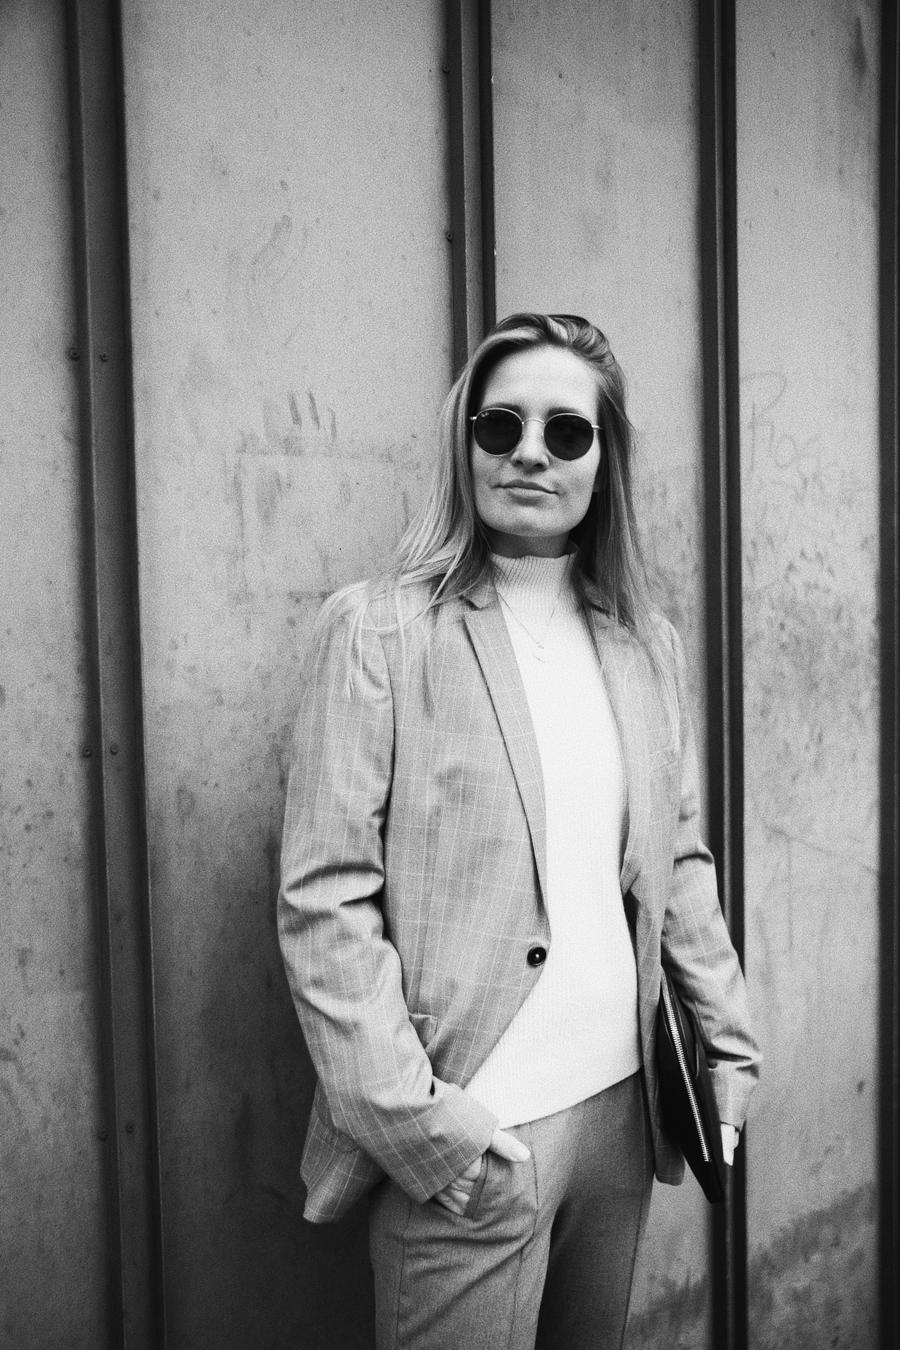 Outfit-fashionblogger-rominamey-suit-portrait-smile